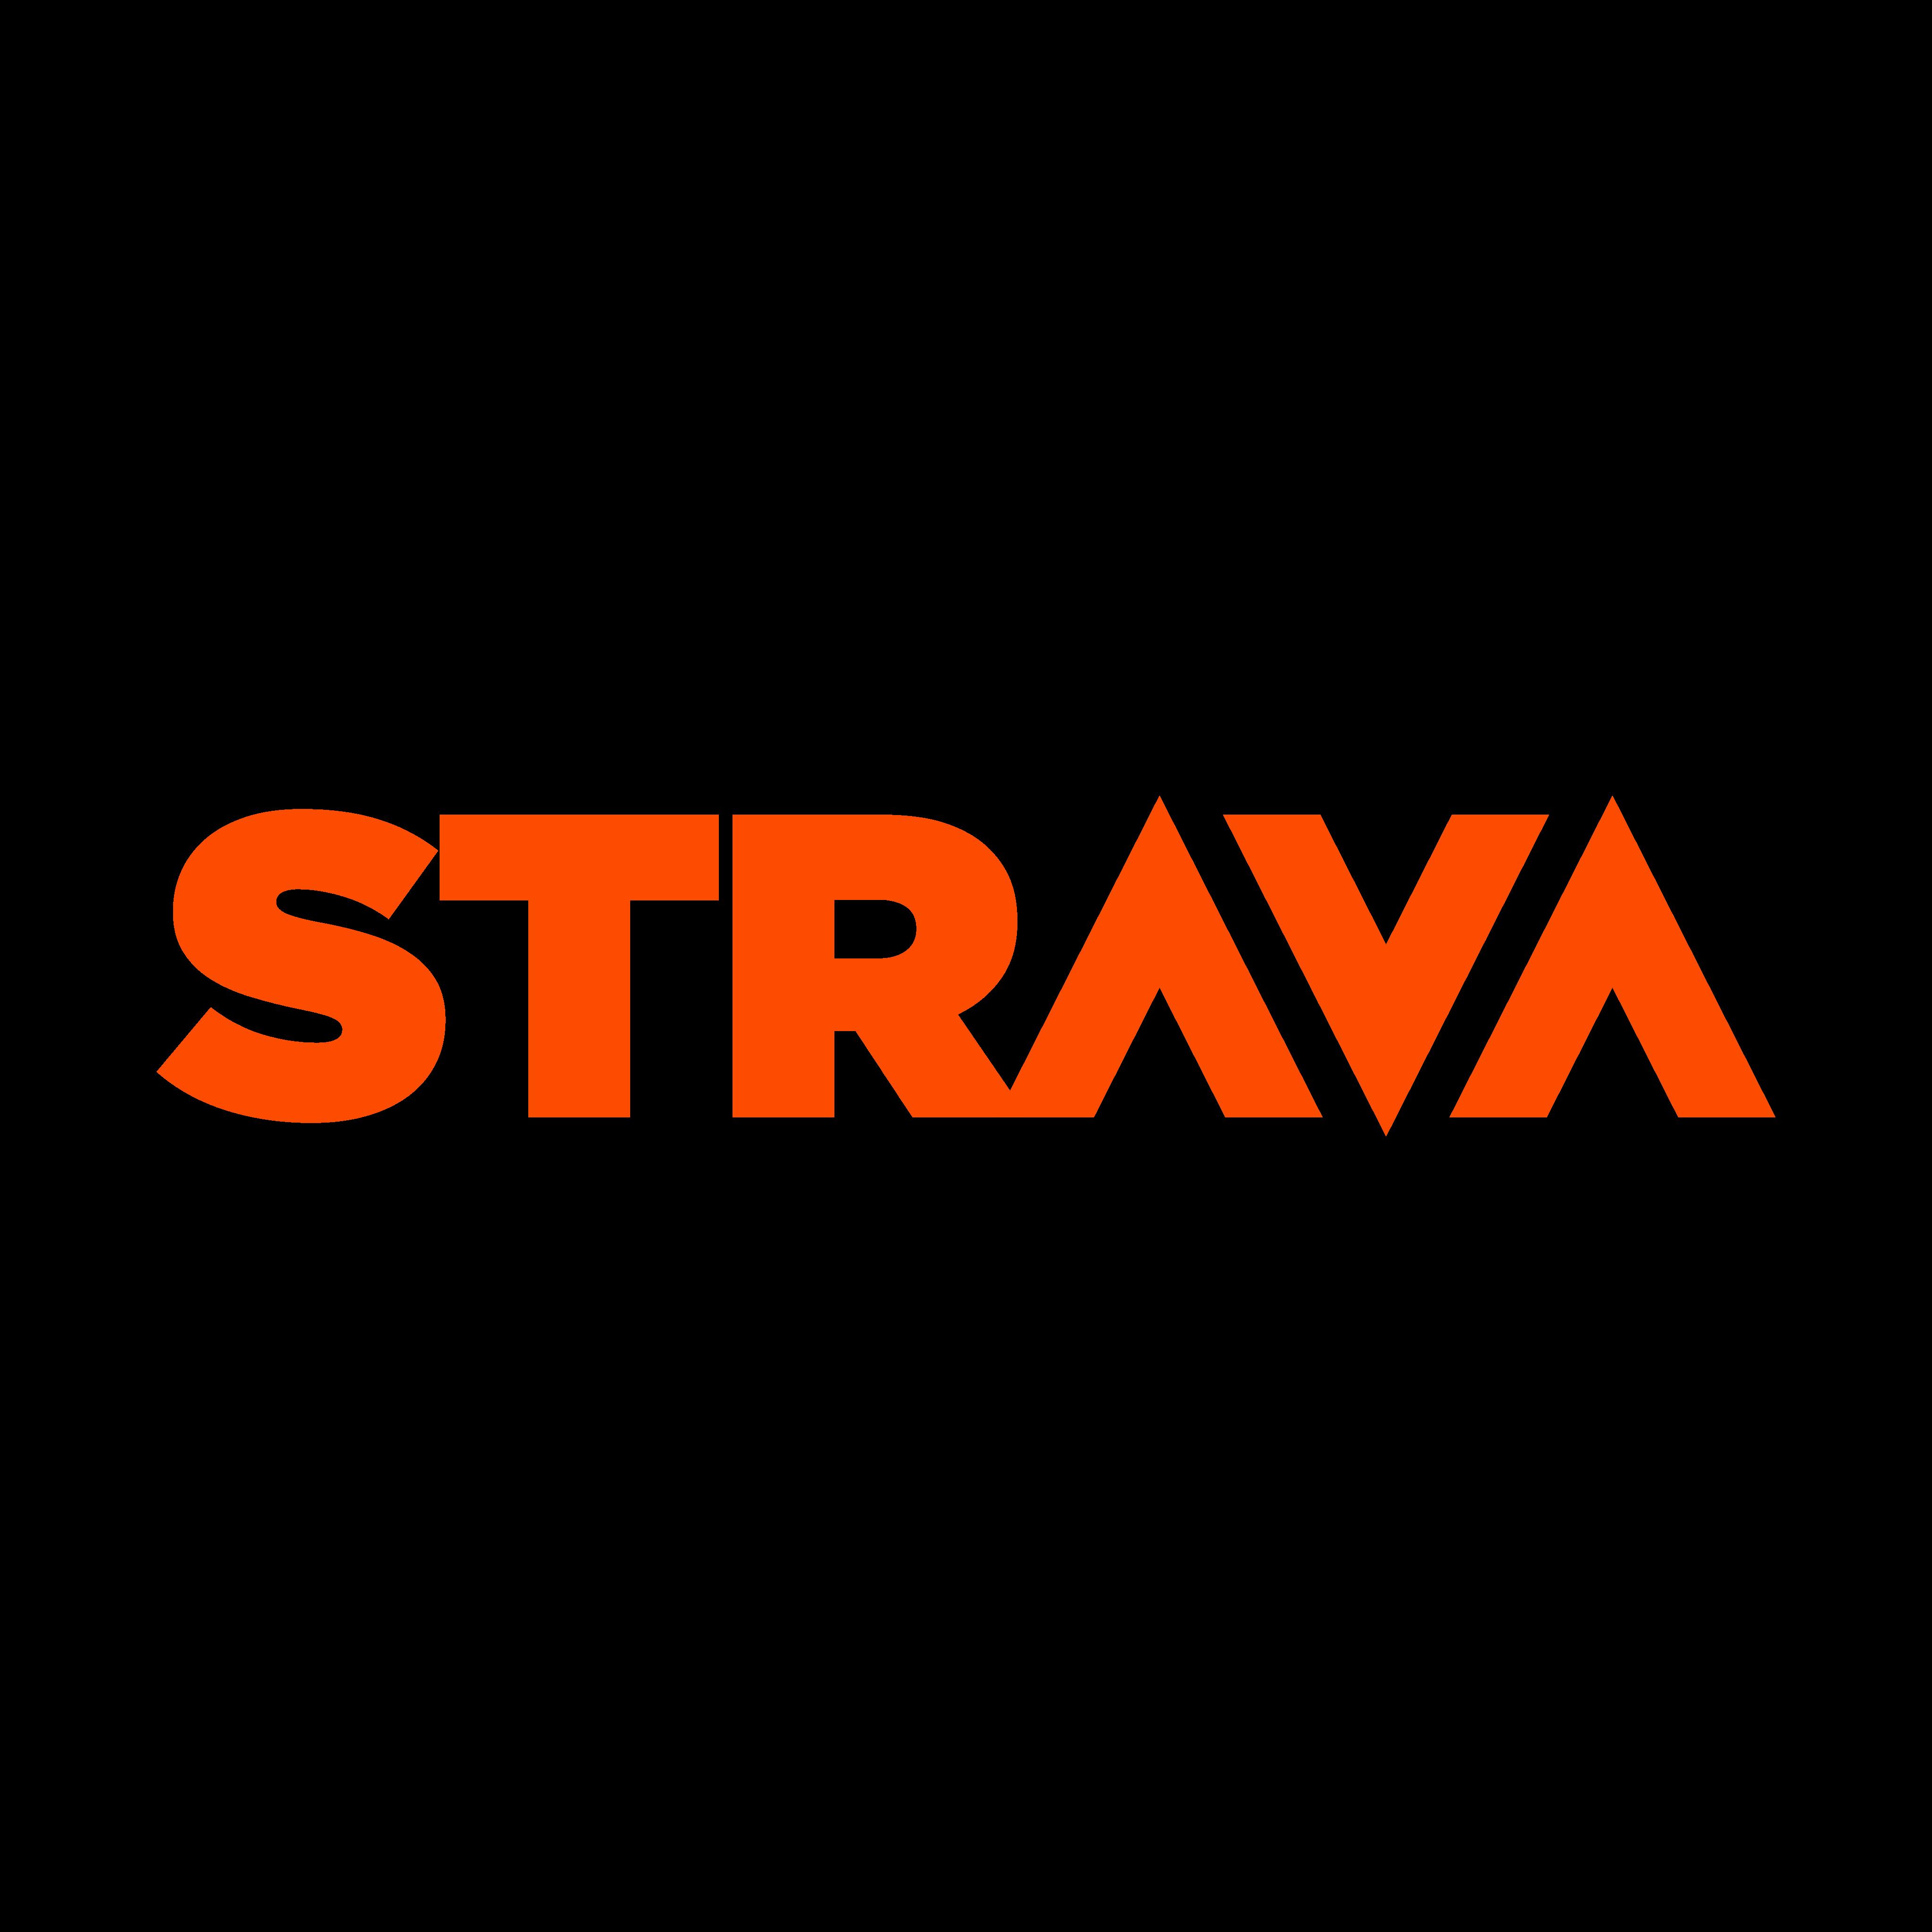 strava logo 0 - Strava Logo